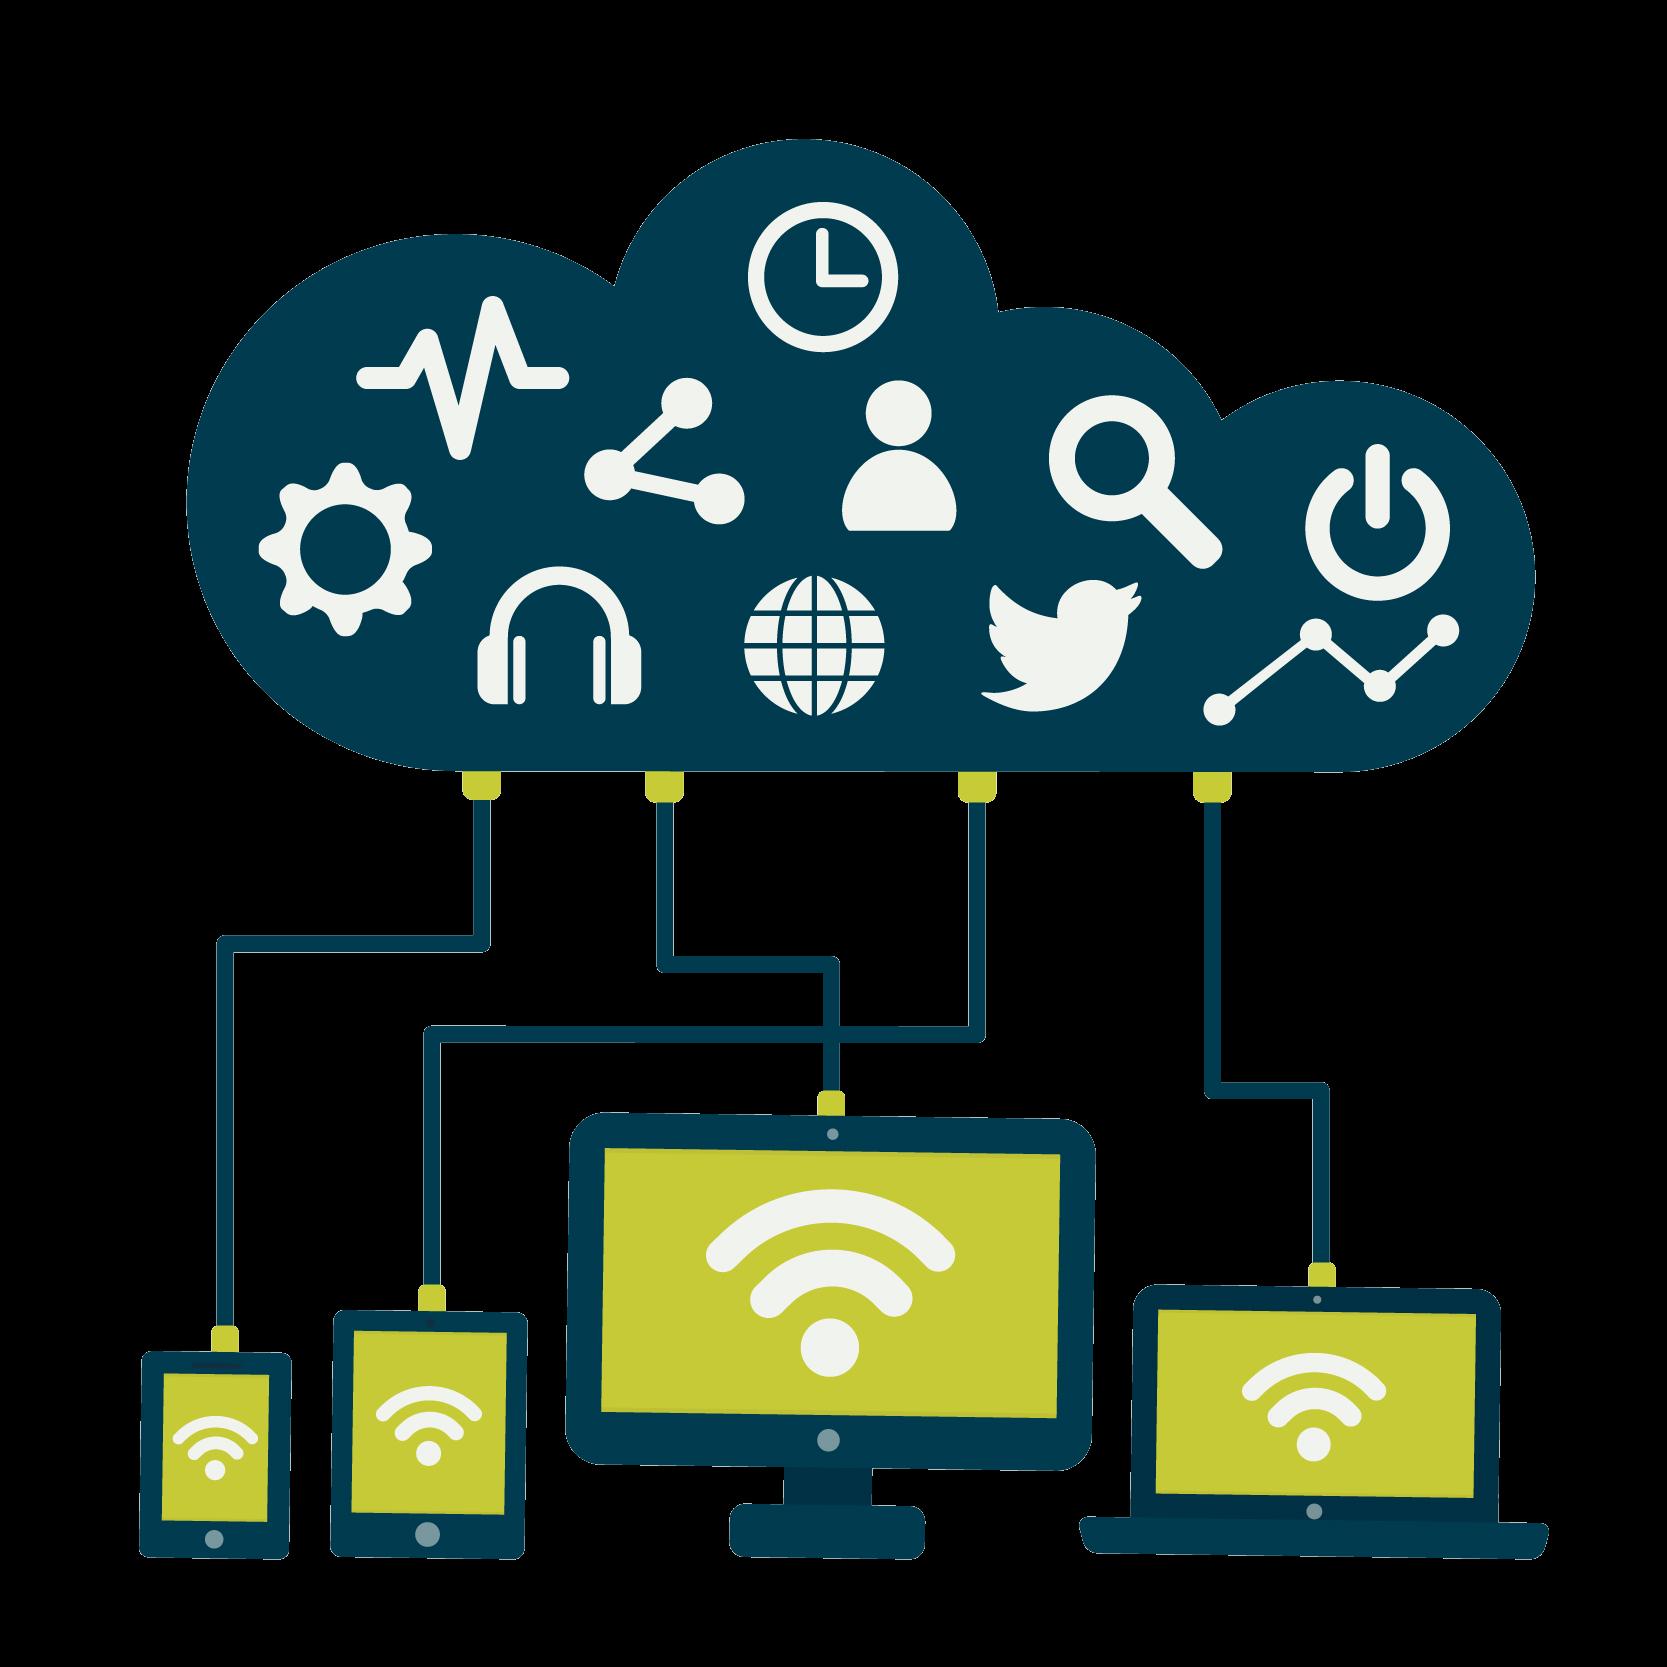 Illustrasjon av PowerApps - forretningsapplikasjoner